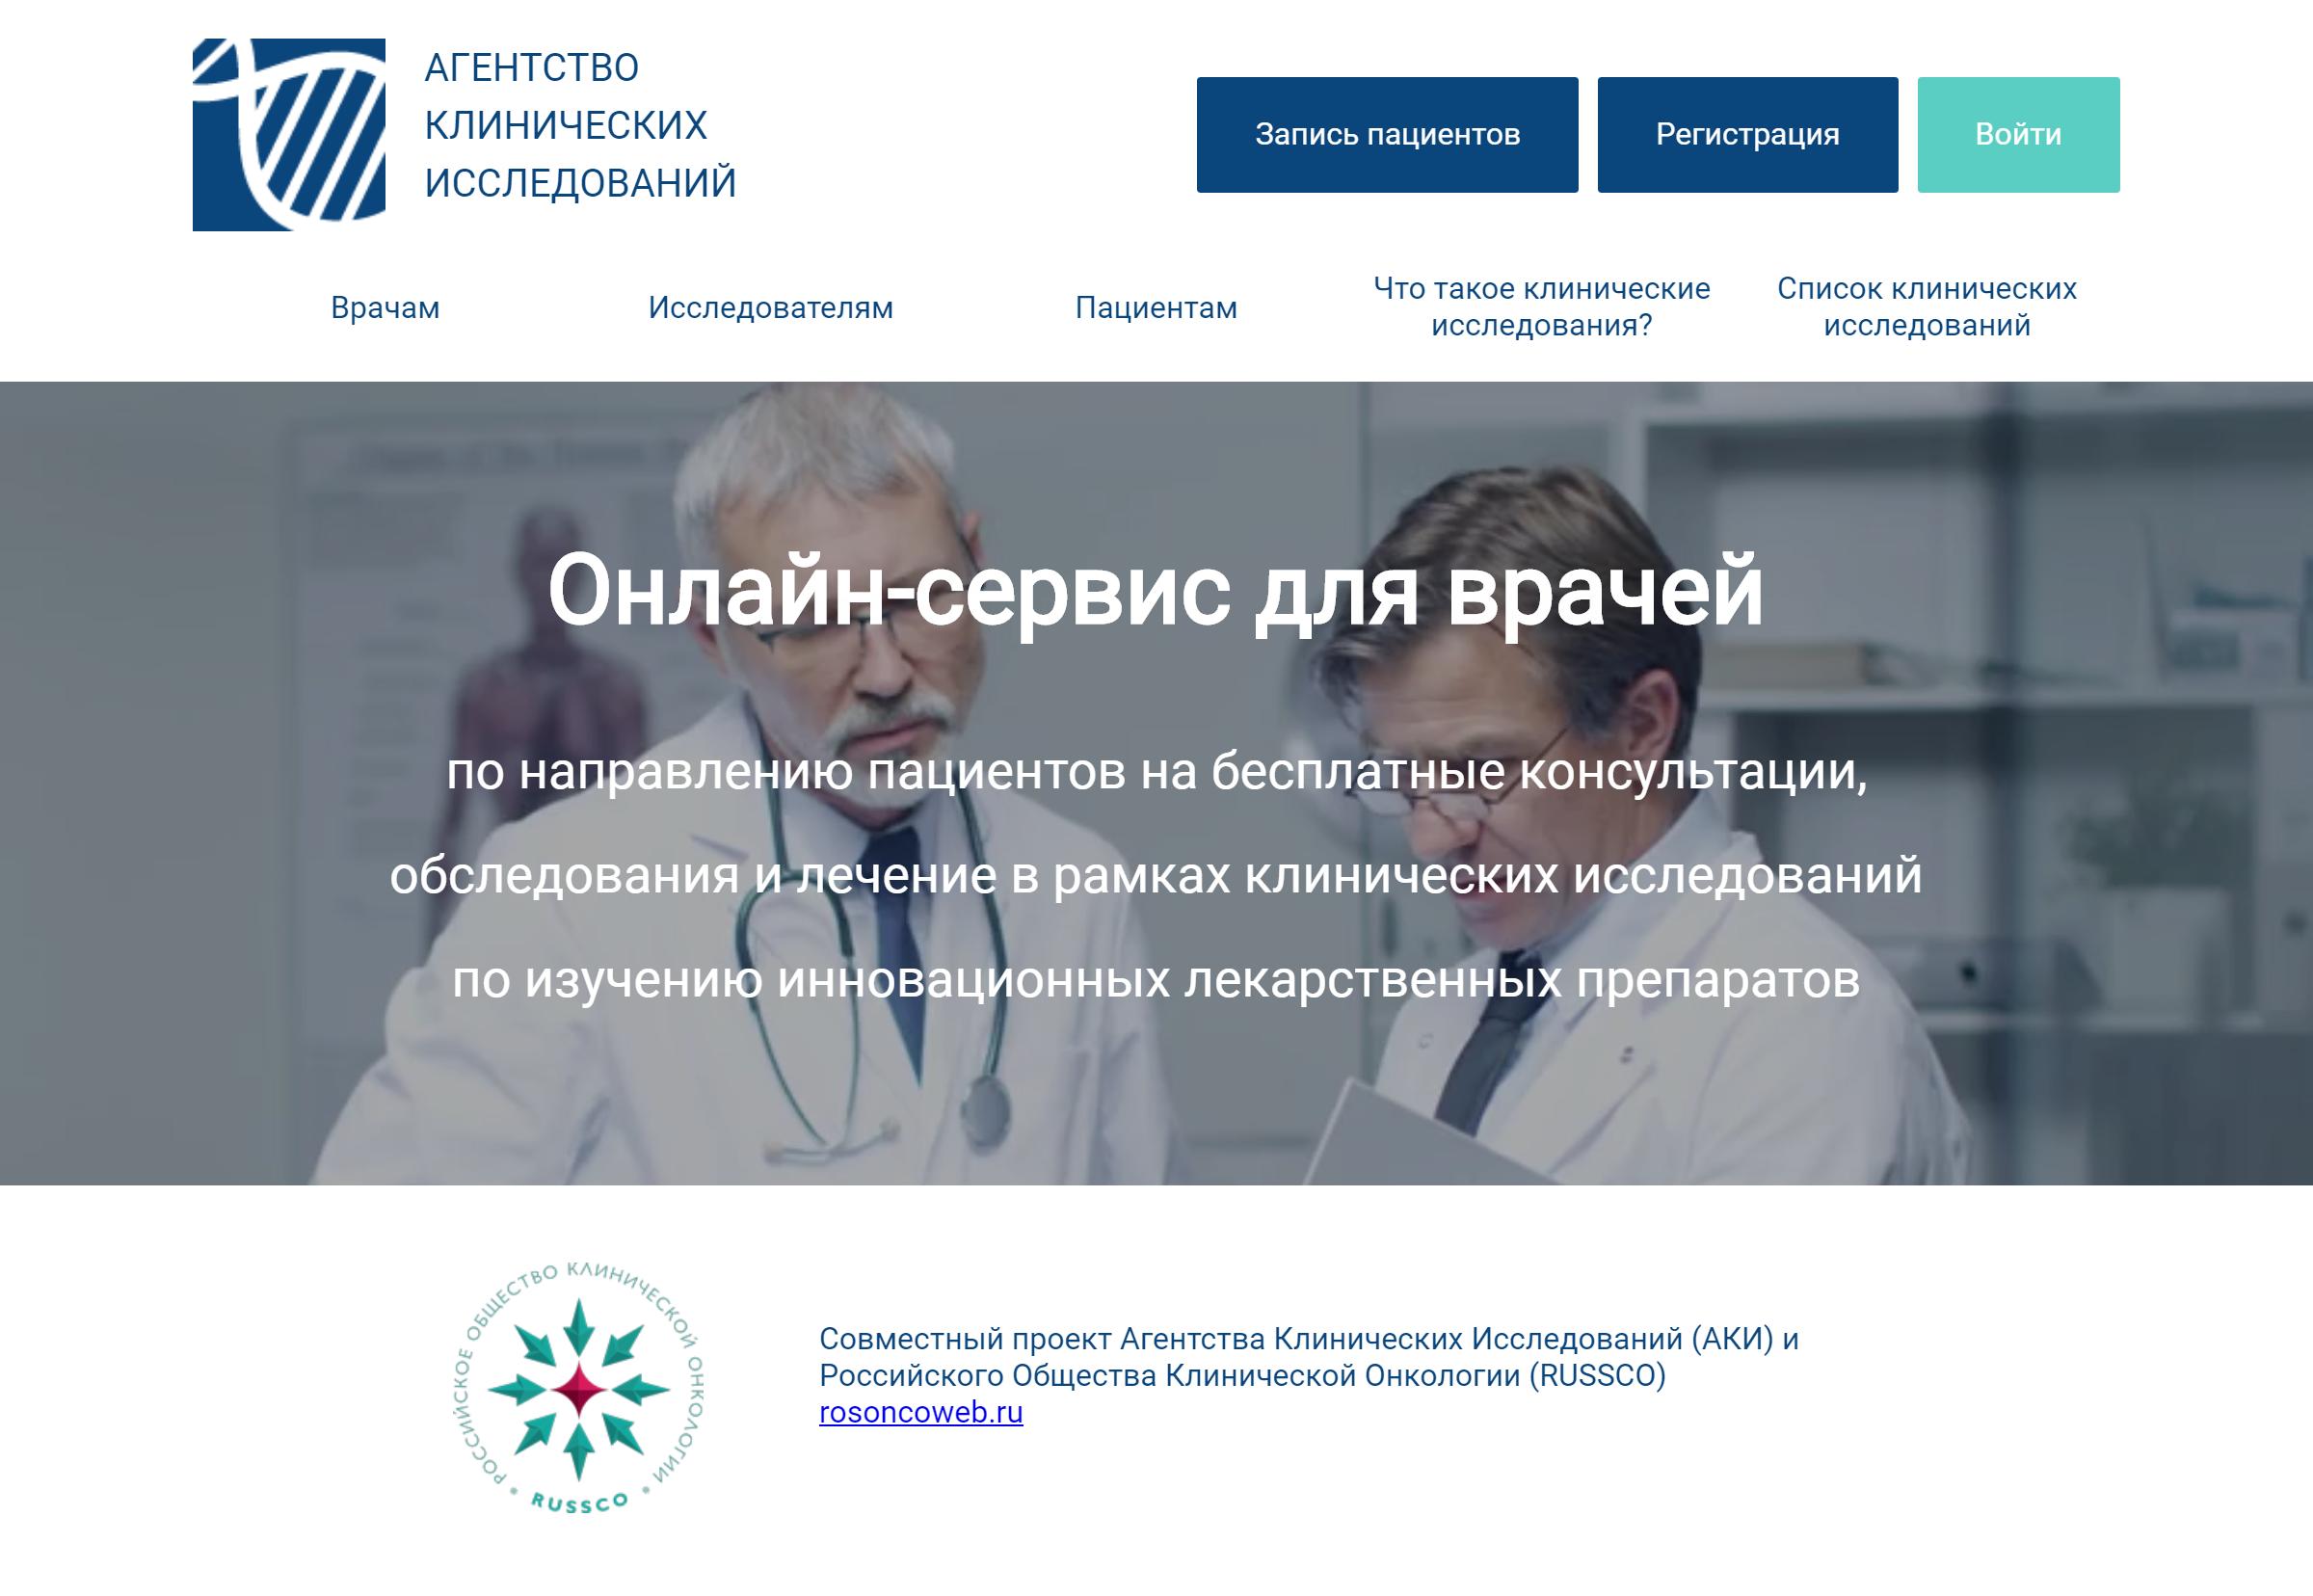 На сайте сервиса Российского общества клинической онкологии иАгентства клинических исследований человек может посмотреть, проводитсяли нужное ему исследование вблизлежащих медицинских центрах, и отправить туда заявку